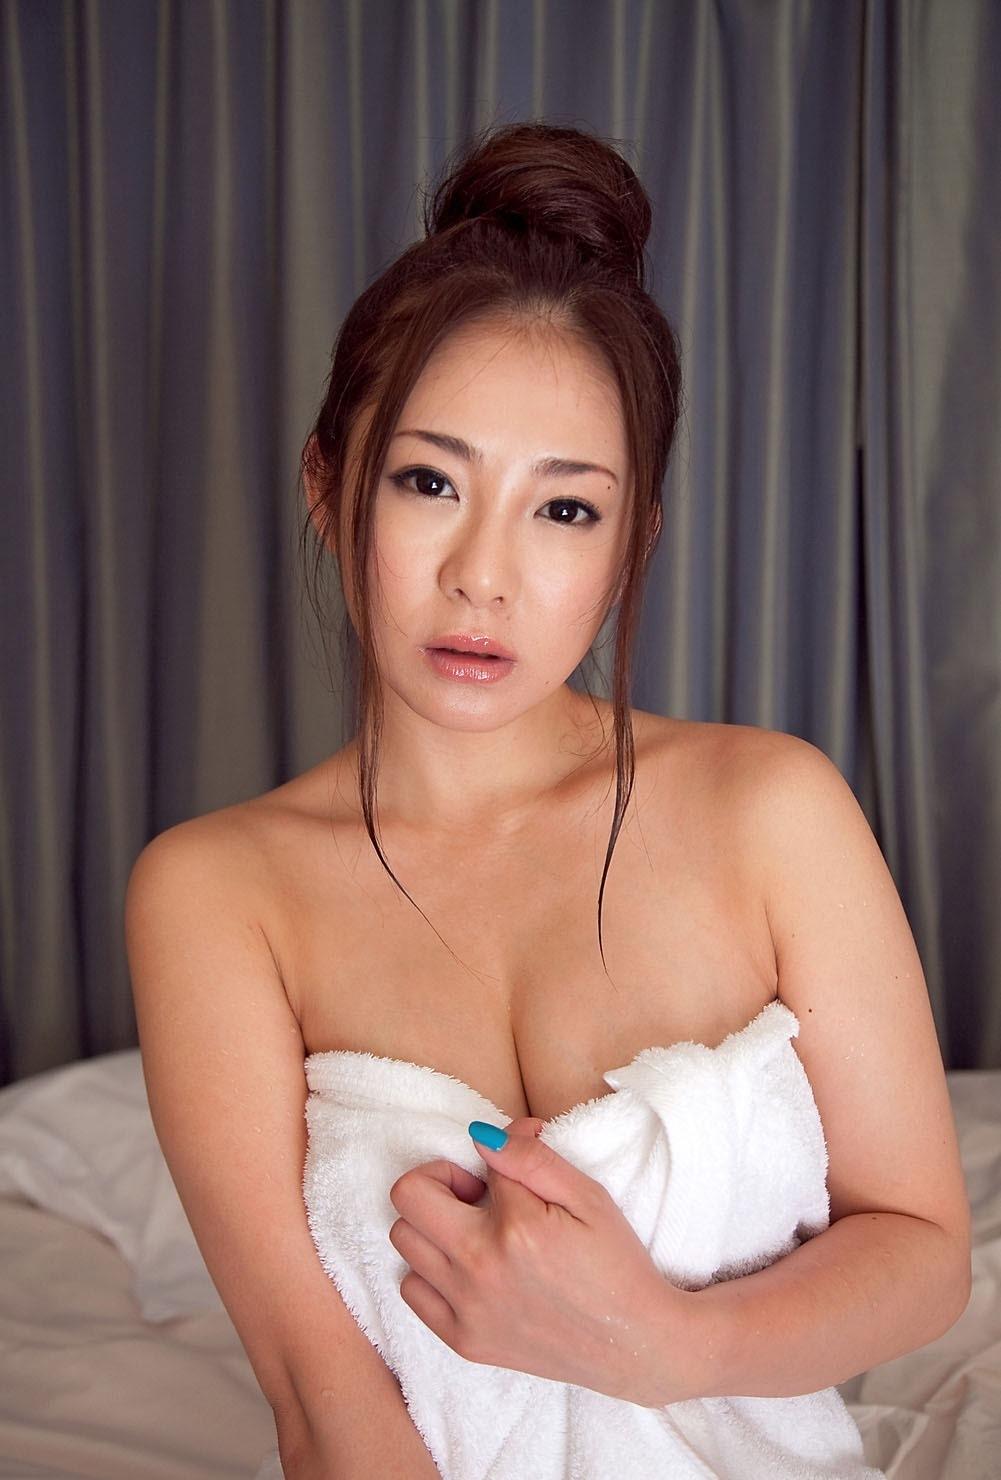 【バスタオル女エロ画像】風呂上りの火照った体はヤリ頃!今すぐ襲いたいバスタオル1枚姿の女子www 08